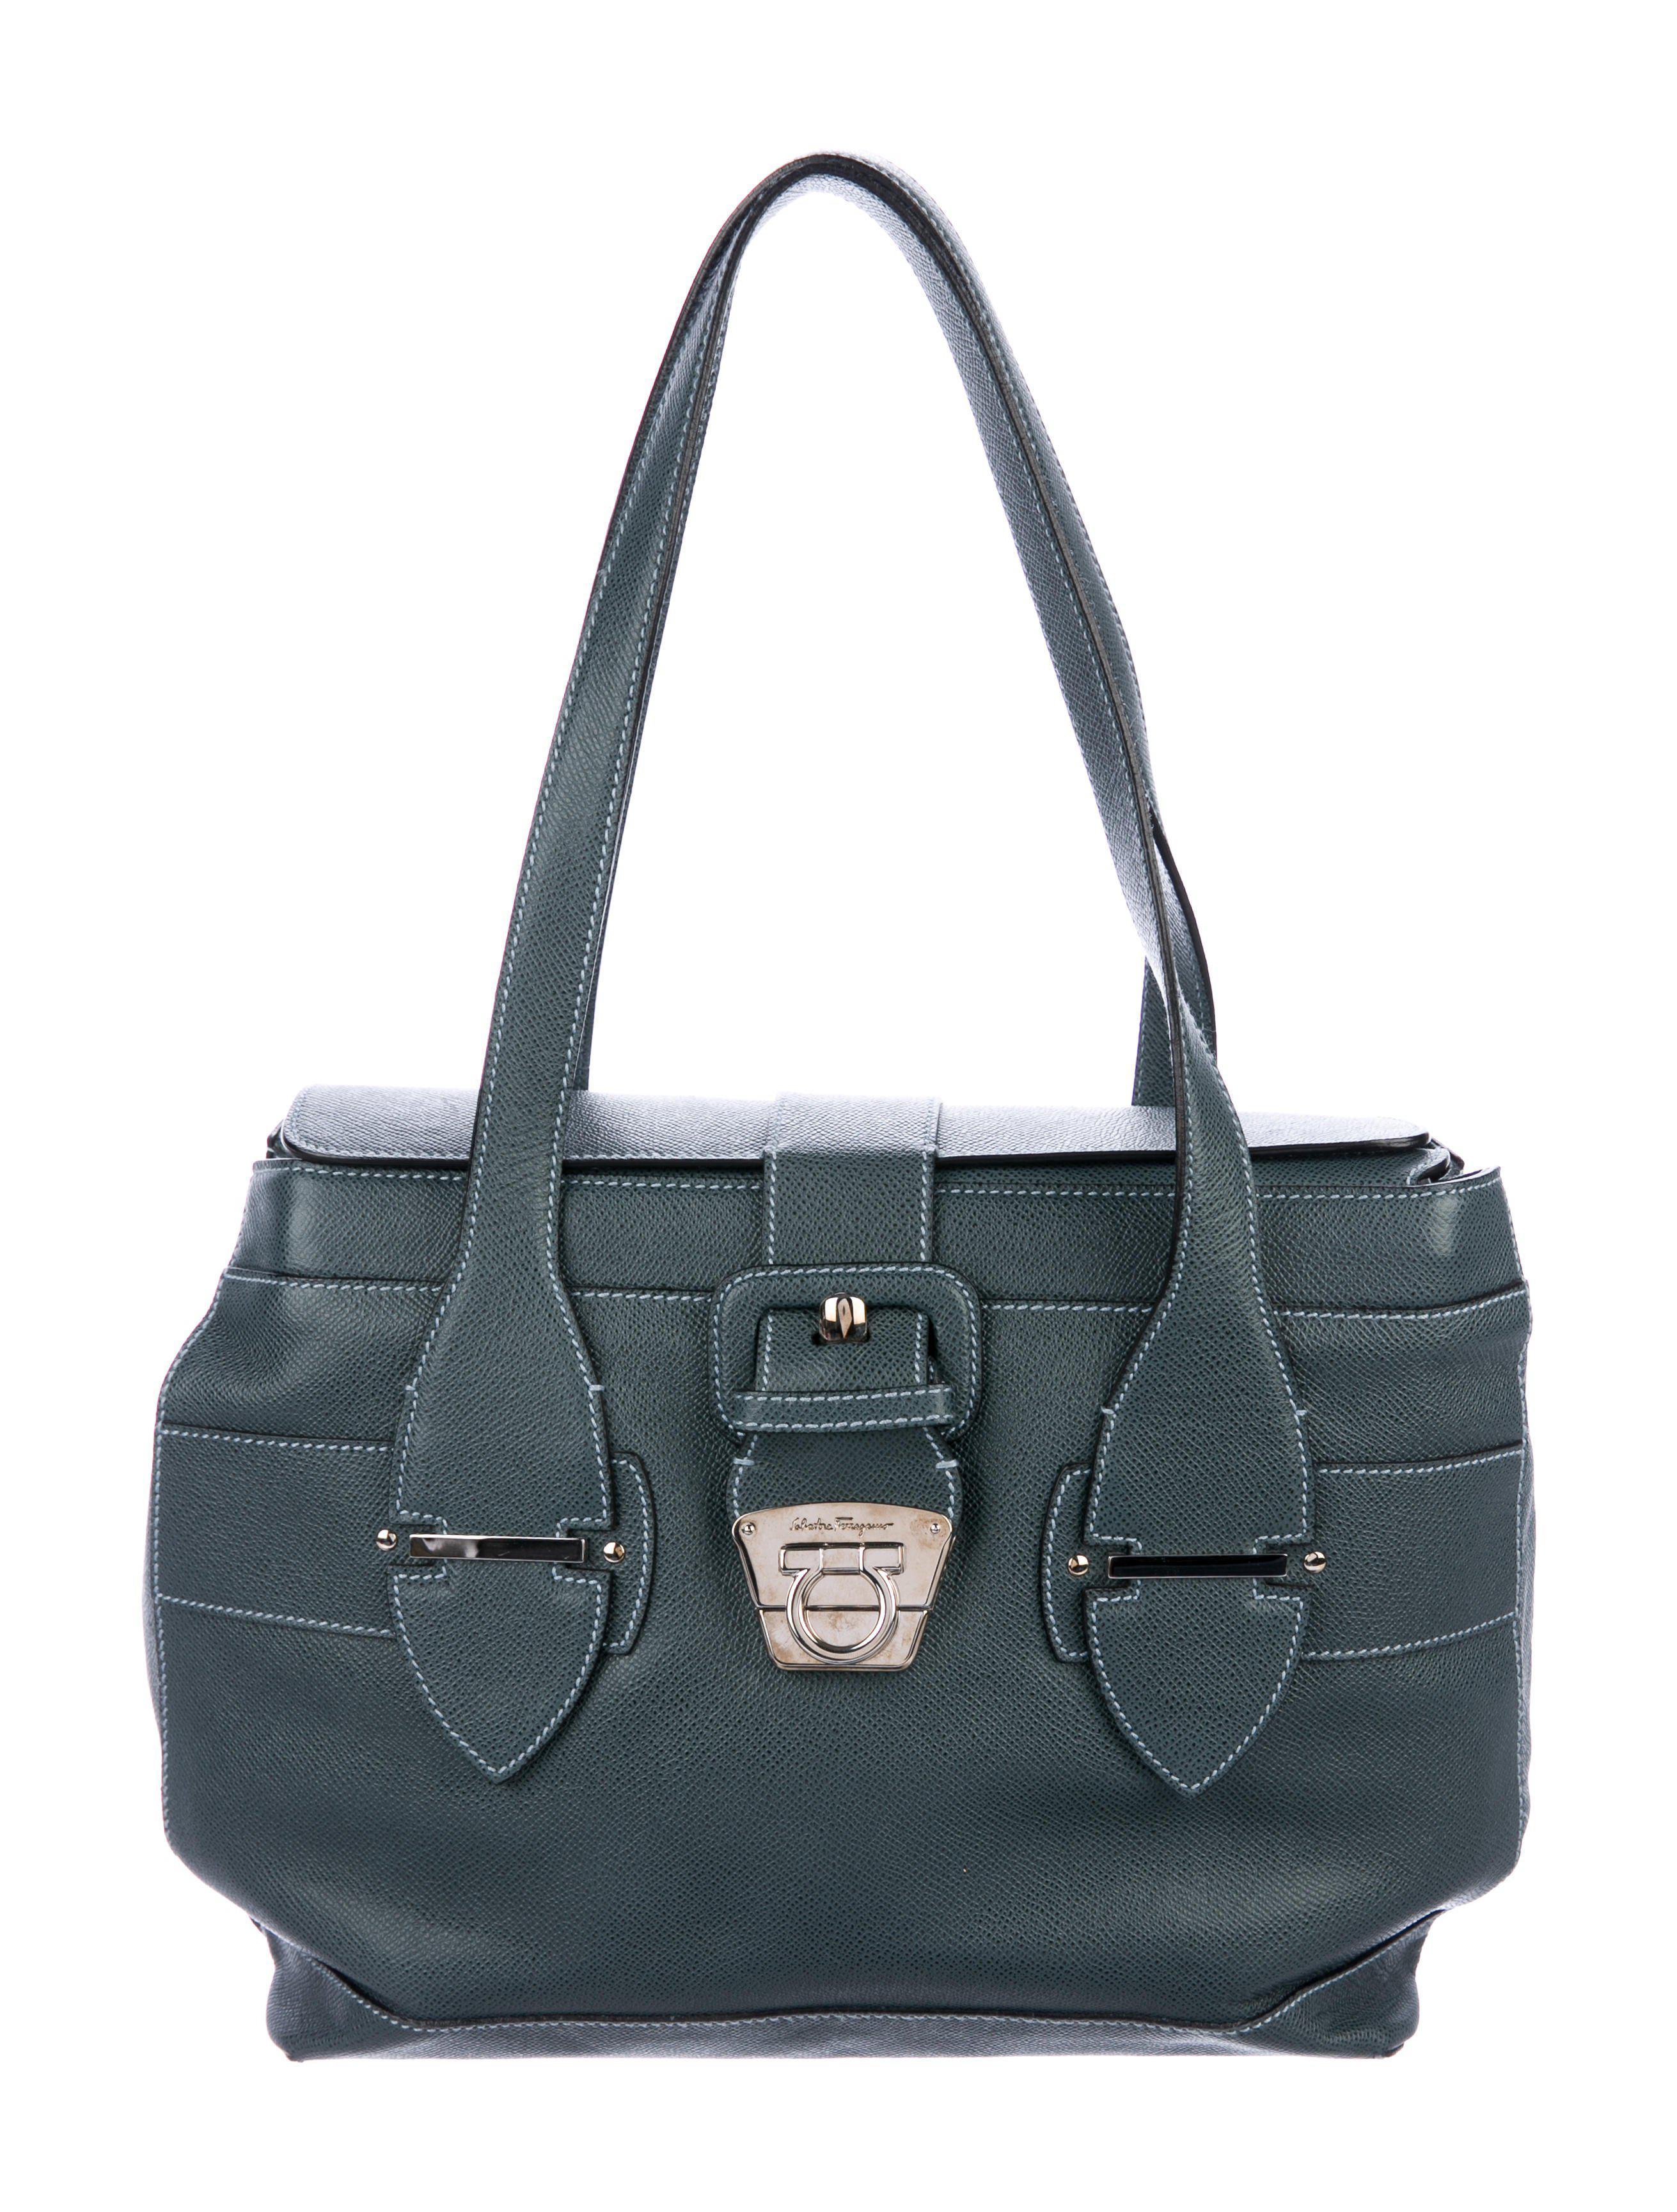 2ce8bbfd1dda Lyst - Ferragamo Textured Leather Shoulder Bag Silver in Metallic